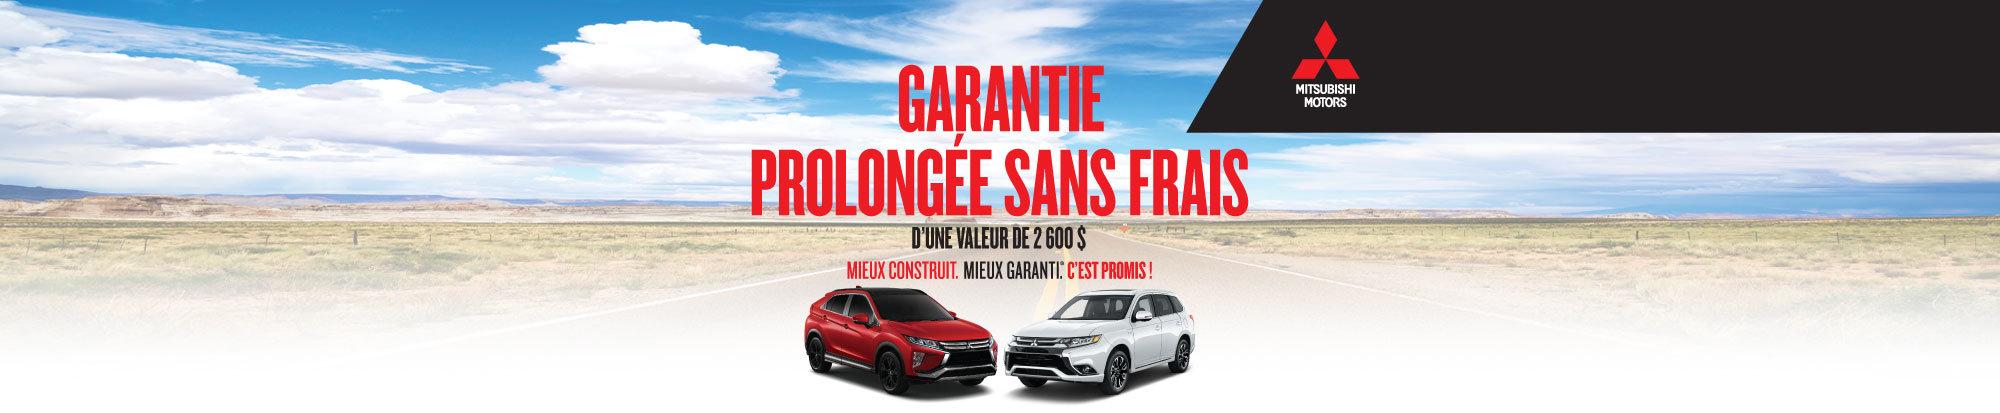 GARANTIE PROLONGÉE SANS FRAIS - web